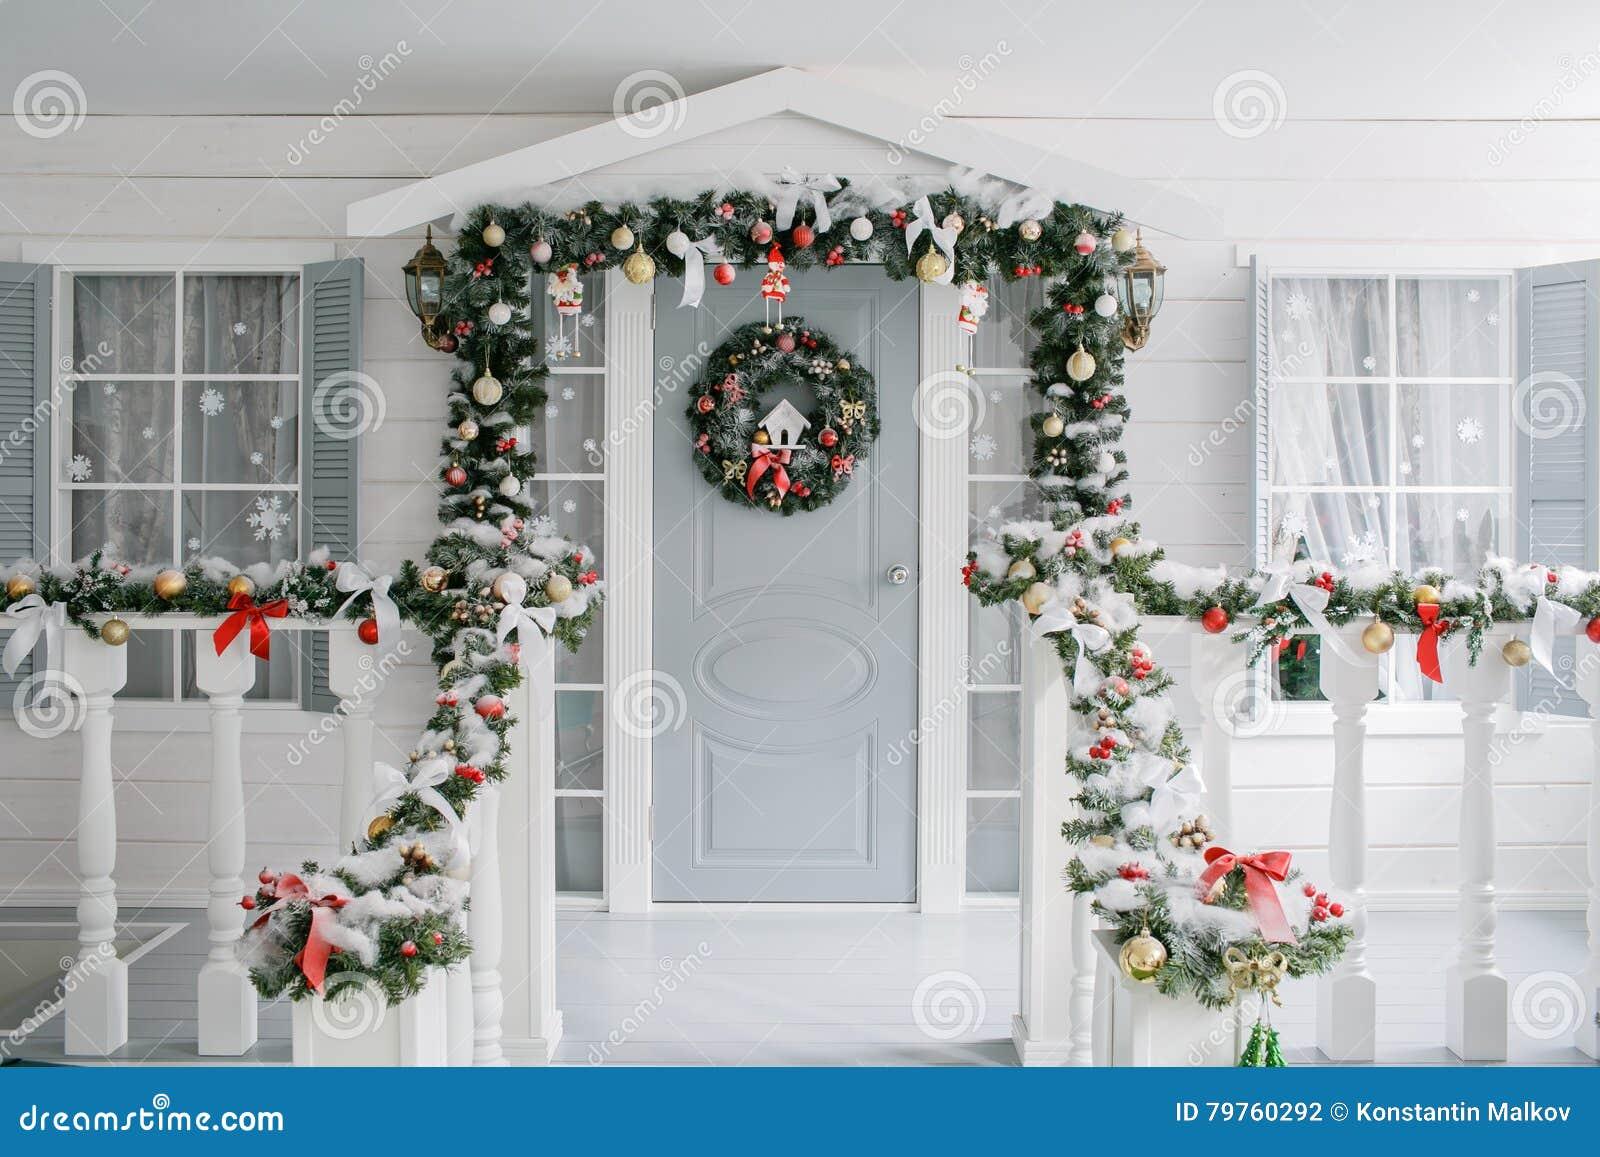 пуща рождества knurled зима снежных тропок утра широкая классические роскошные квартиры с белым камином, украшенным деревом, ярко